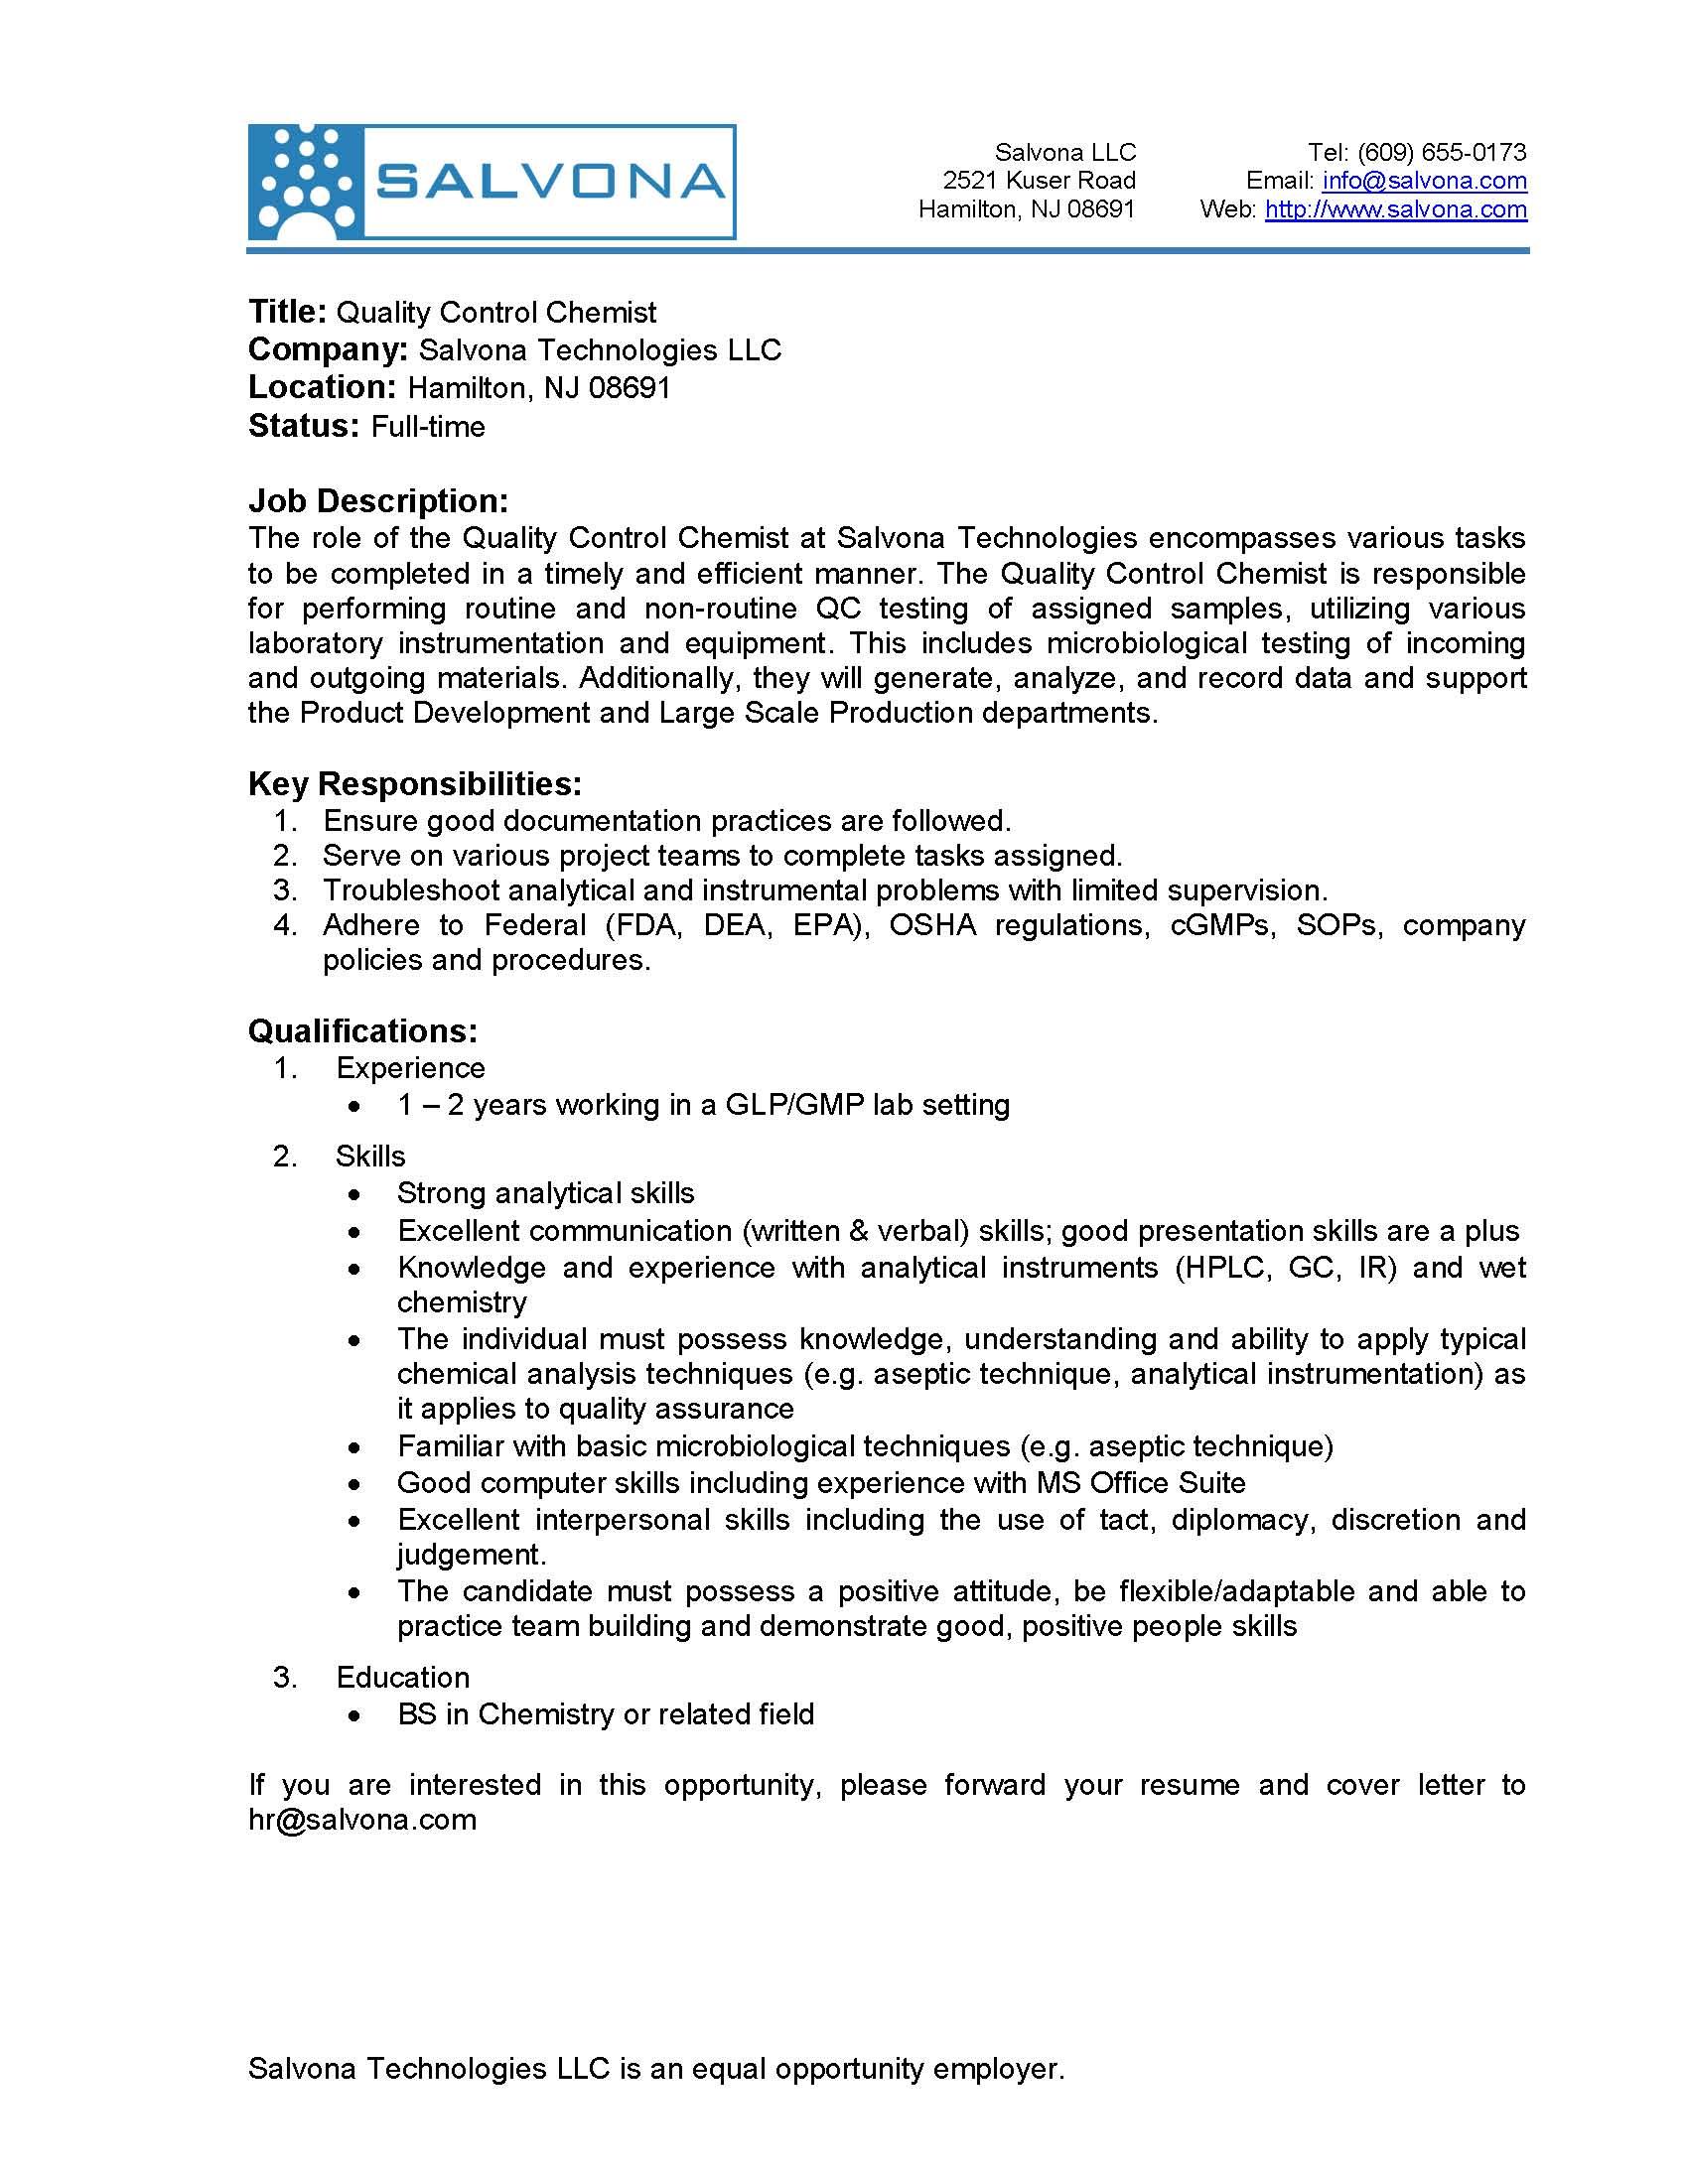 senior scientist sterile formulation qc chemist jobs - Sample Chemist Resume